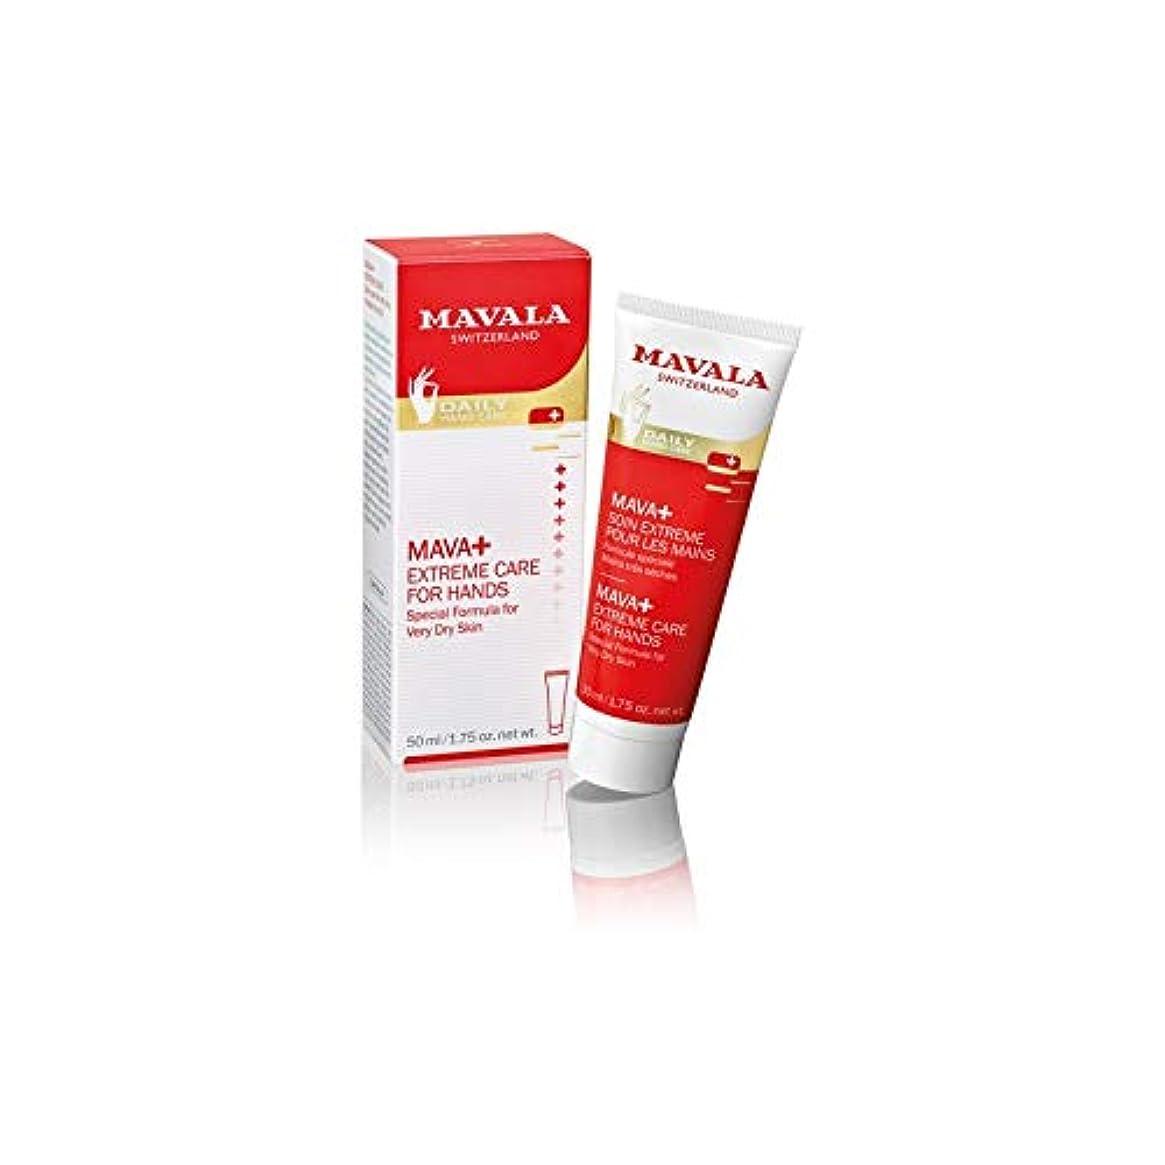 忌避剤銛ブラケット[Mavala] マヴァラMavalaのMava +ハンドクリーム - 手のために細心の注意を払っ(50ミリリットル) - Mavala Mava+ Hand Cream - Extreme Care For Hands...